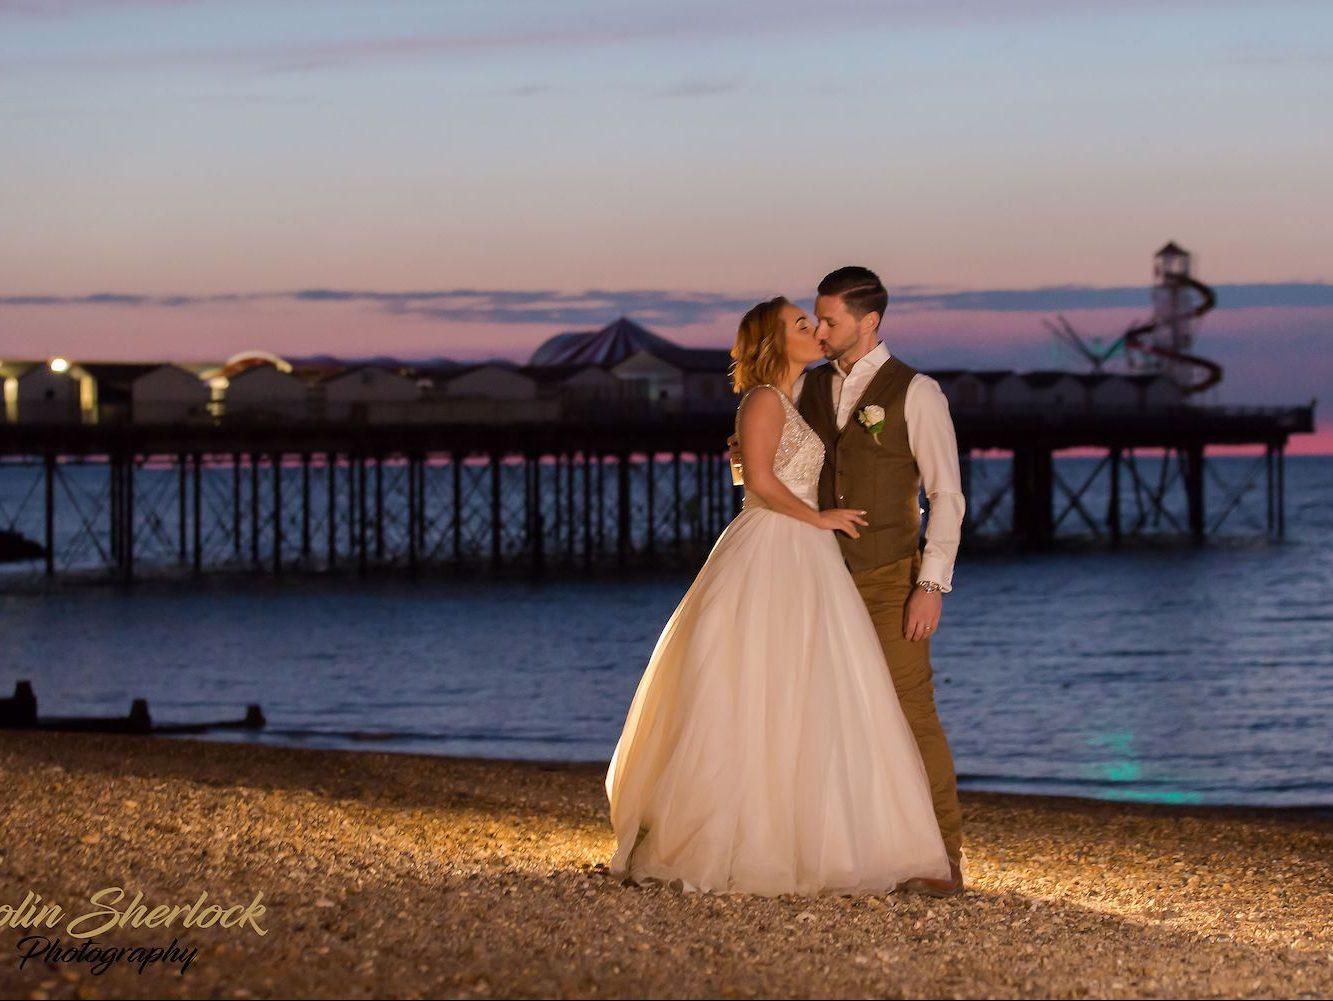 Beach Hut Weddings in Herne Bay